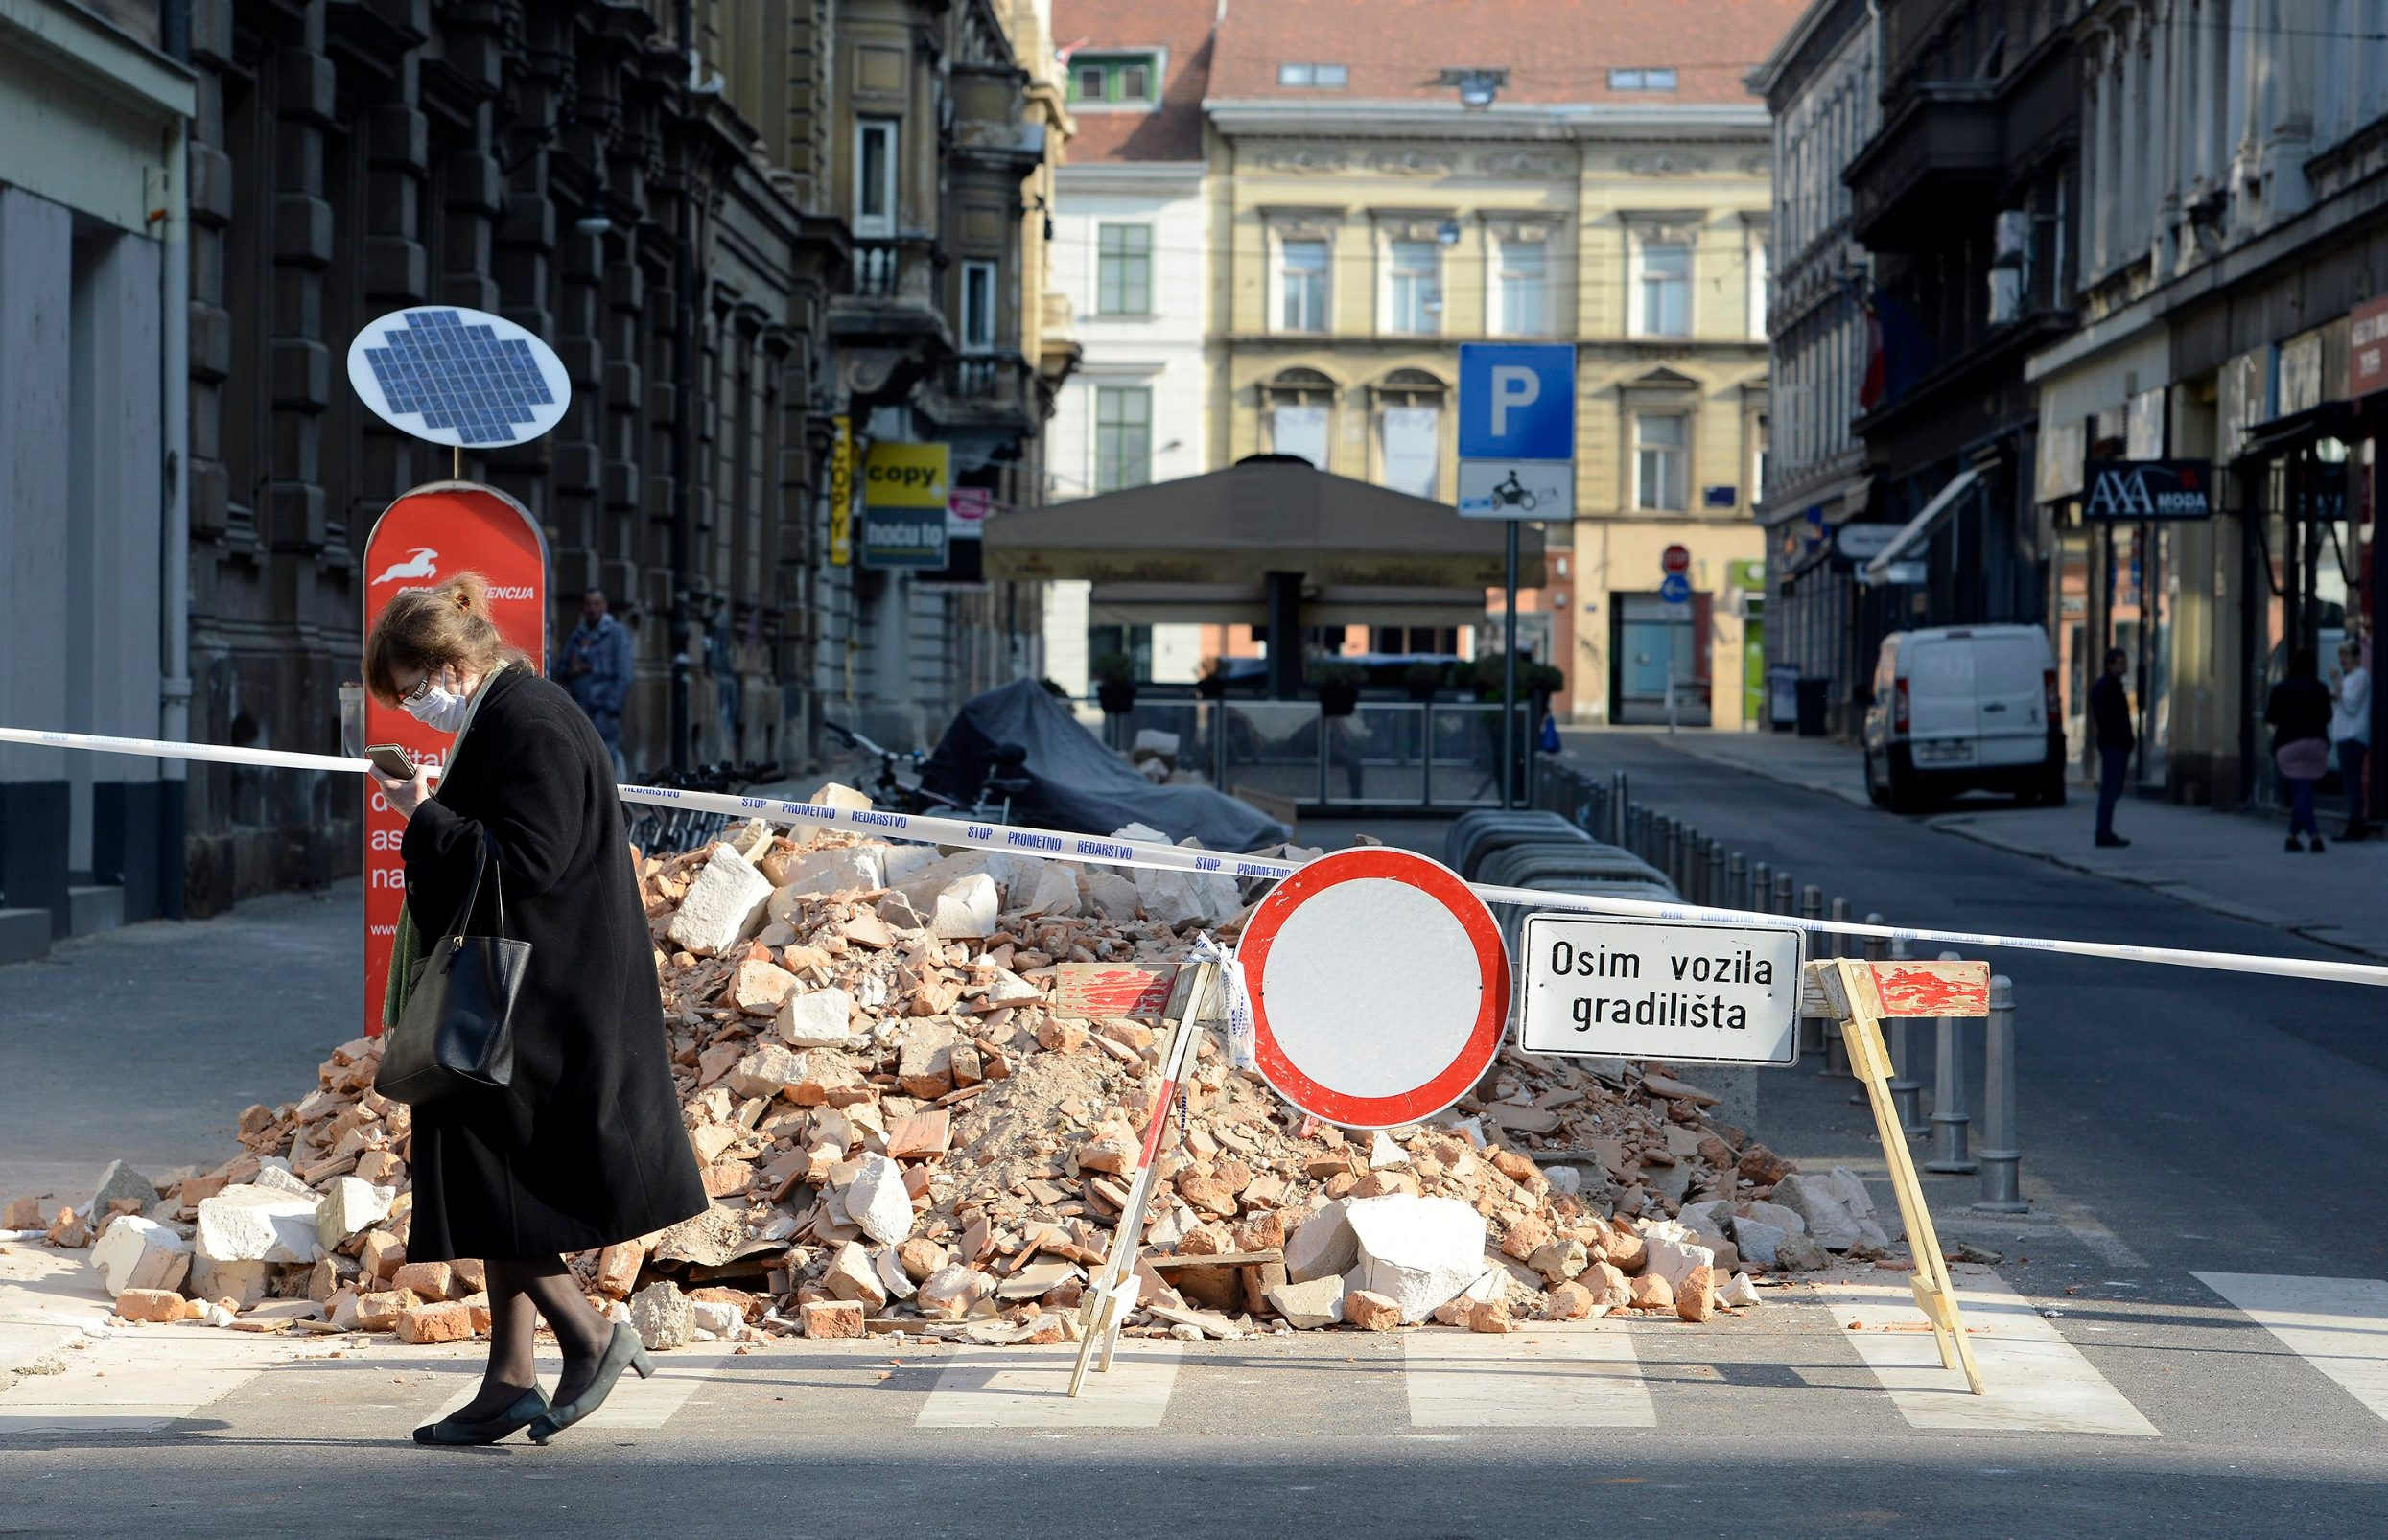 Zagreb, 100420 I davdesetak dana nakon potresa koji je pogodio Zagreb jos uvijek se na ulicama uzeg centra grada vide posljedice. Gradjevinska suta ceka na odvoz foto: Bruno Konjevic / CROPIX